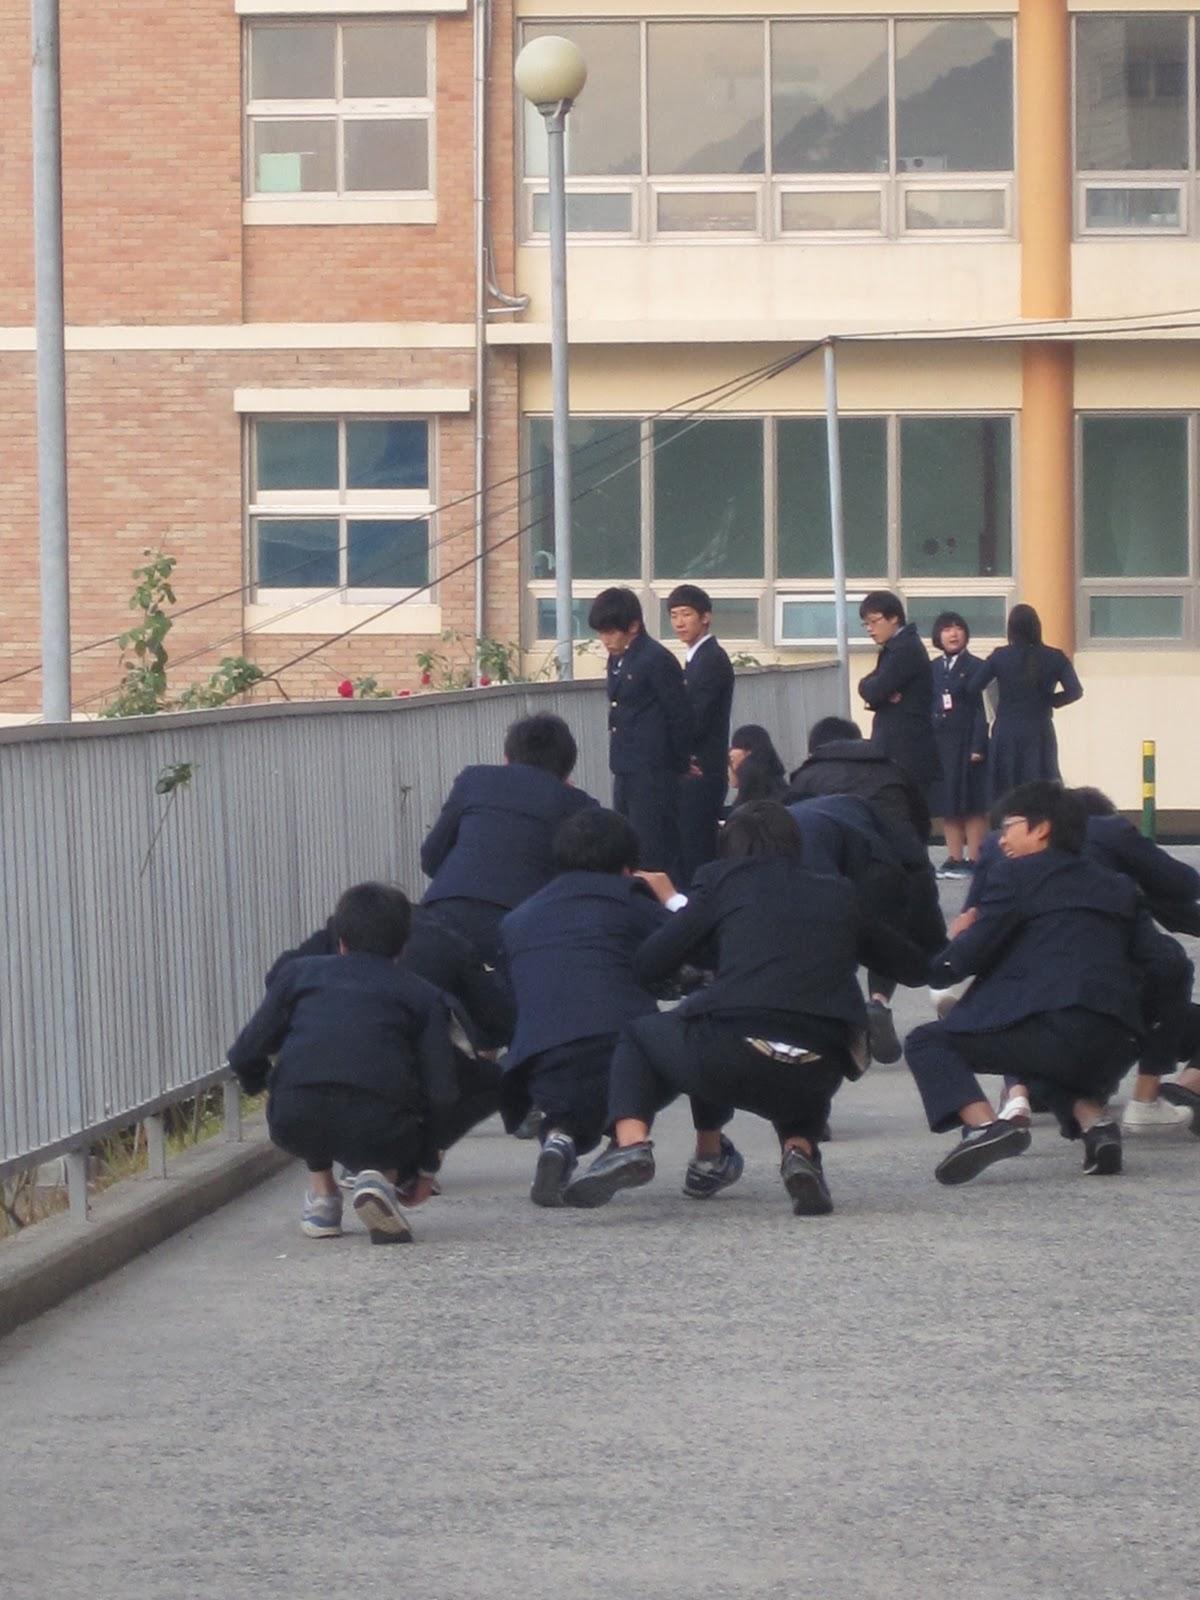 Hàn Quốc: Thầy đánh trò từng là phương pháp giáo dục hợp lý, đổi luật vì vụ bạo hành nghiêm trọng nhưng vẫn gây tranh cãi-4